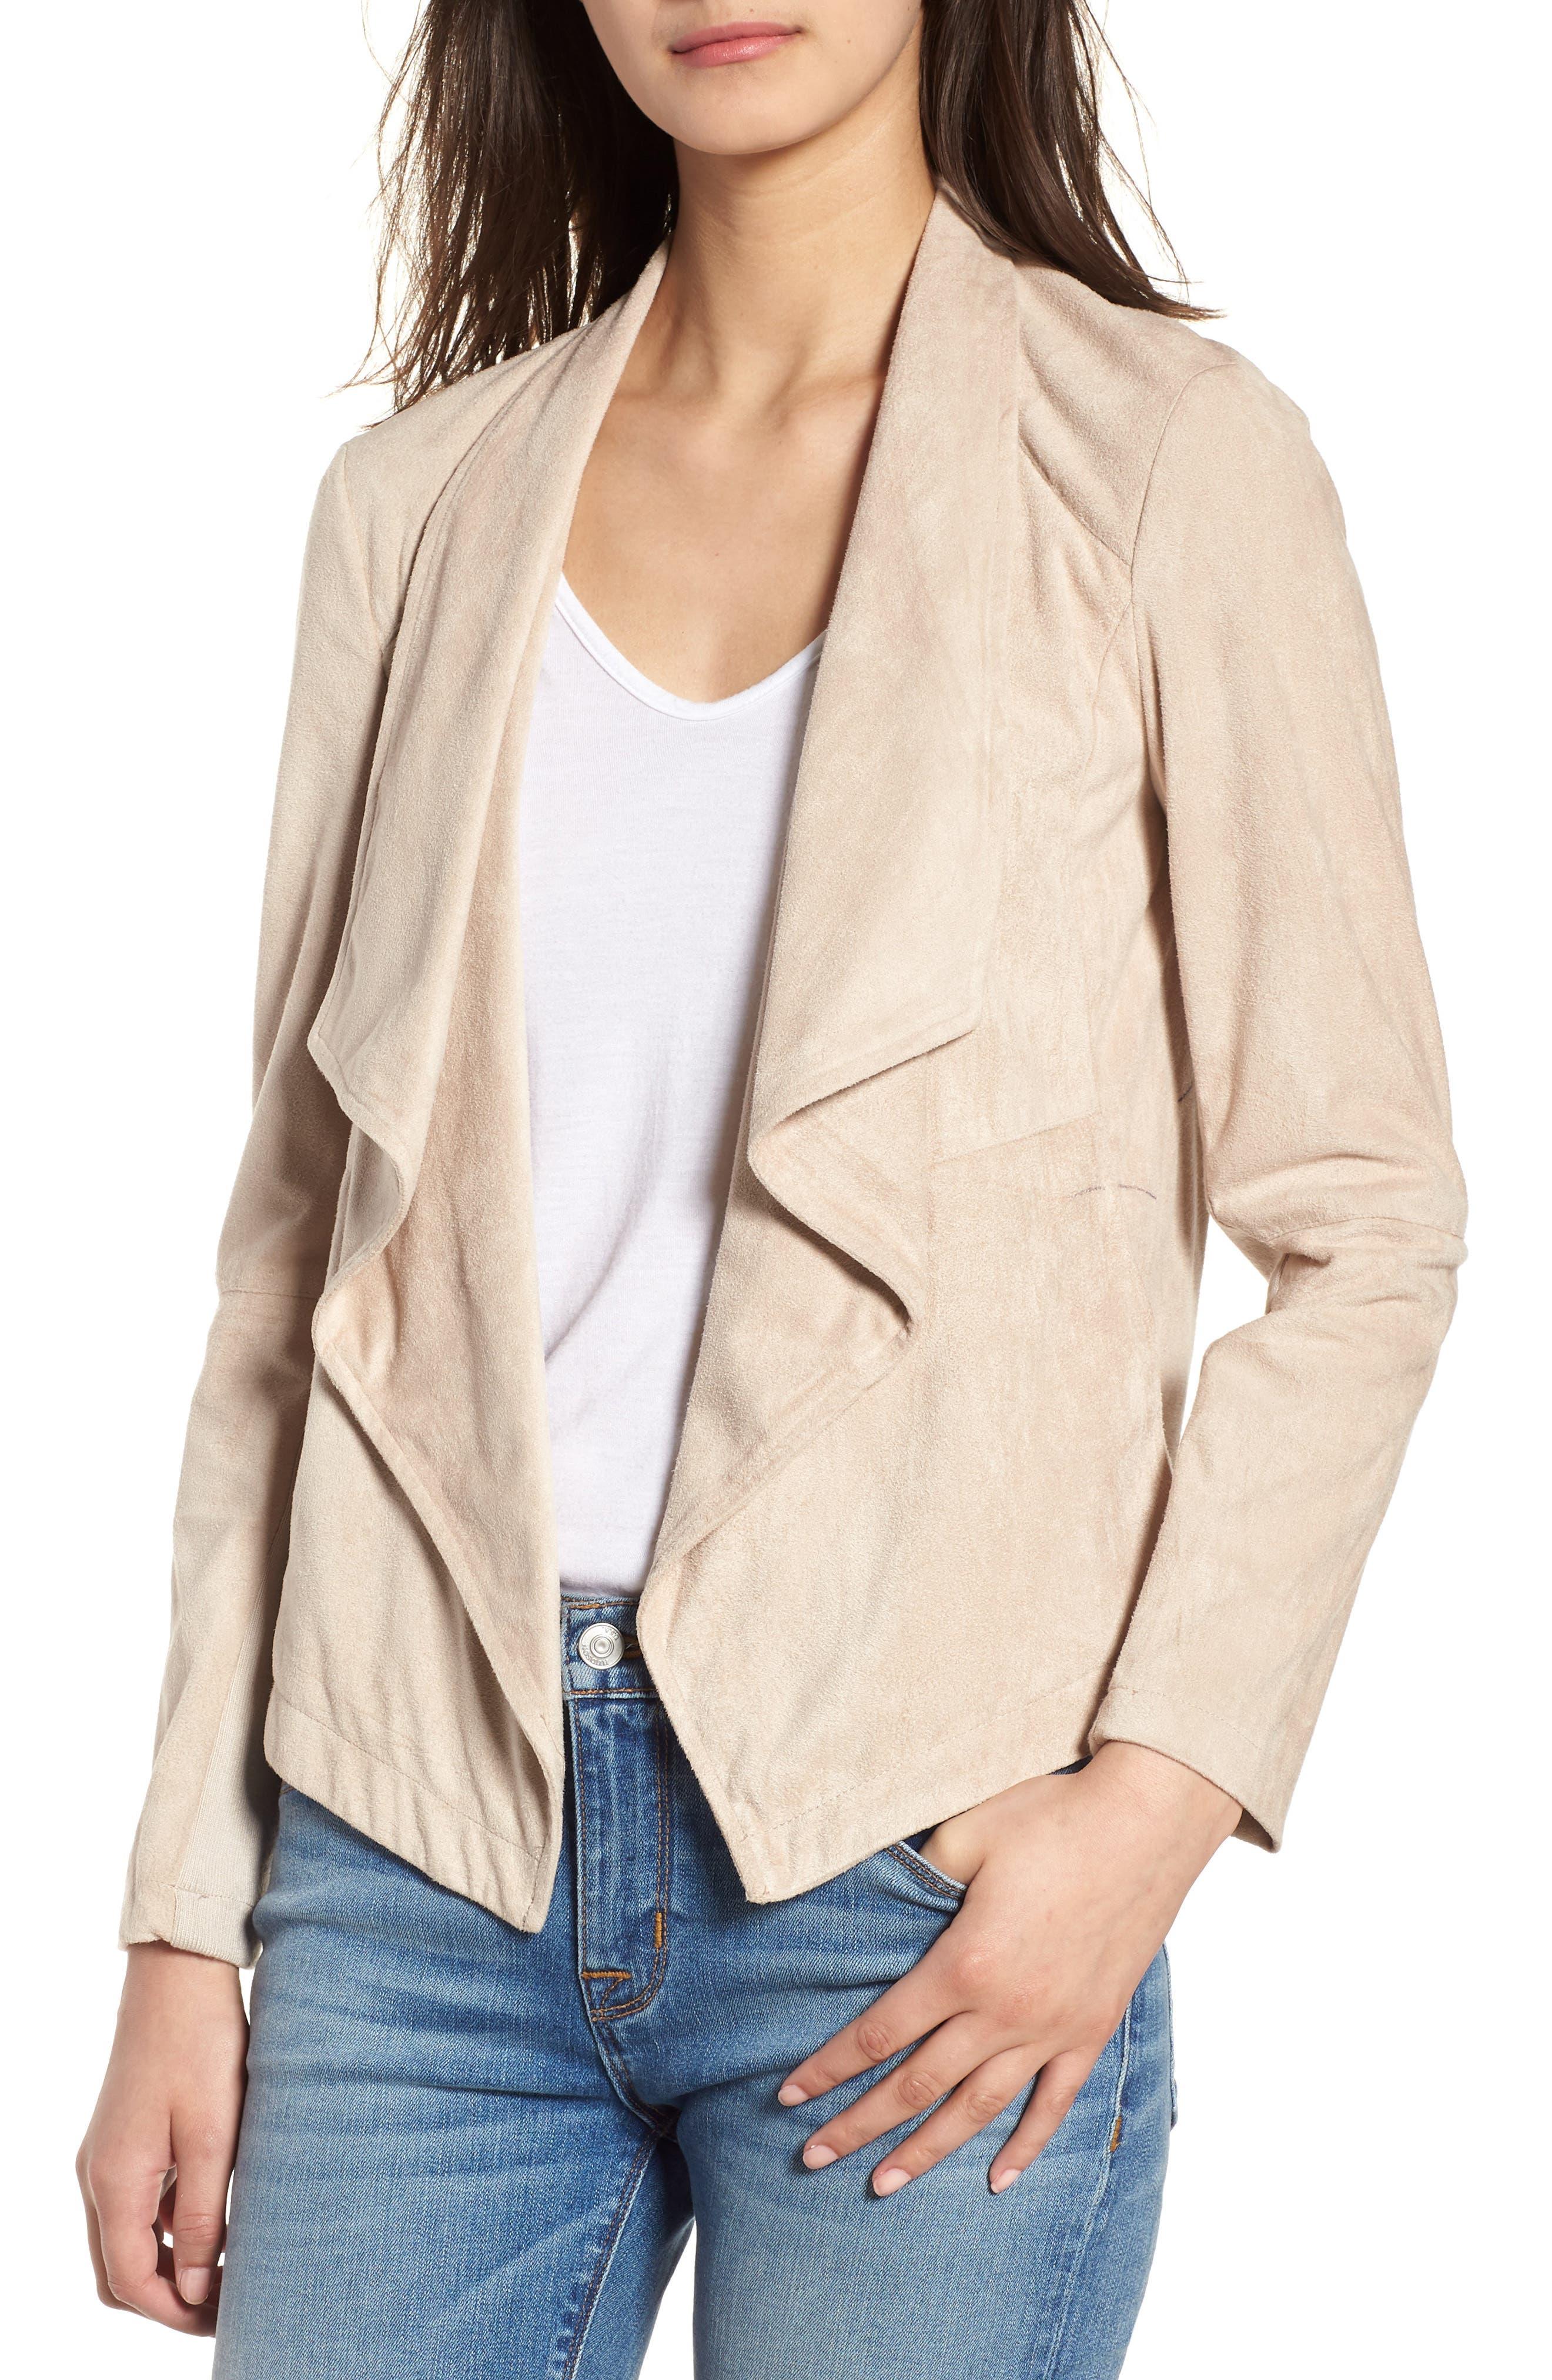 Nicholson Faux Suede Drape Front Jacket,                             Main thumbnail 1, color,                             BONE